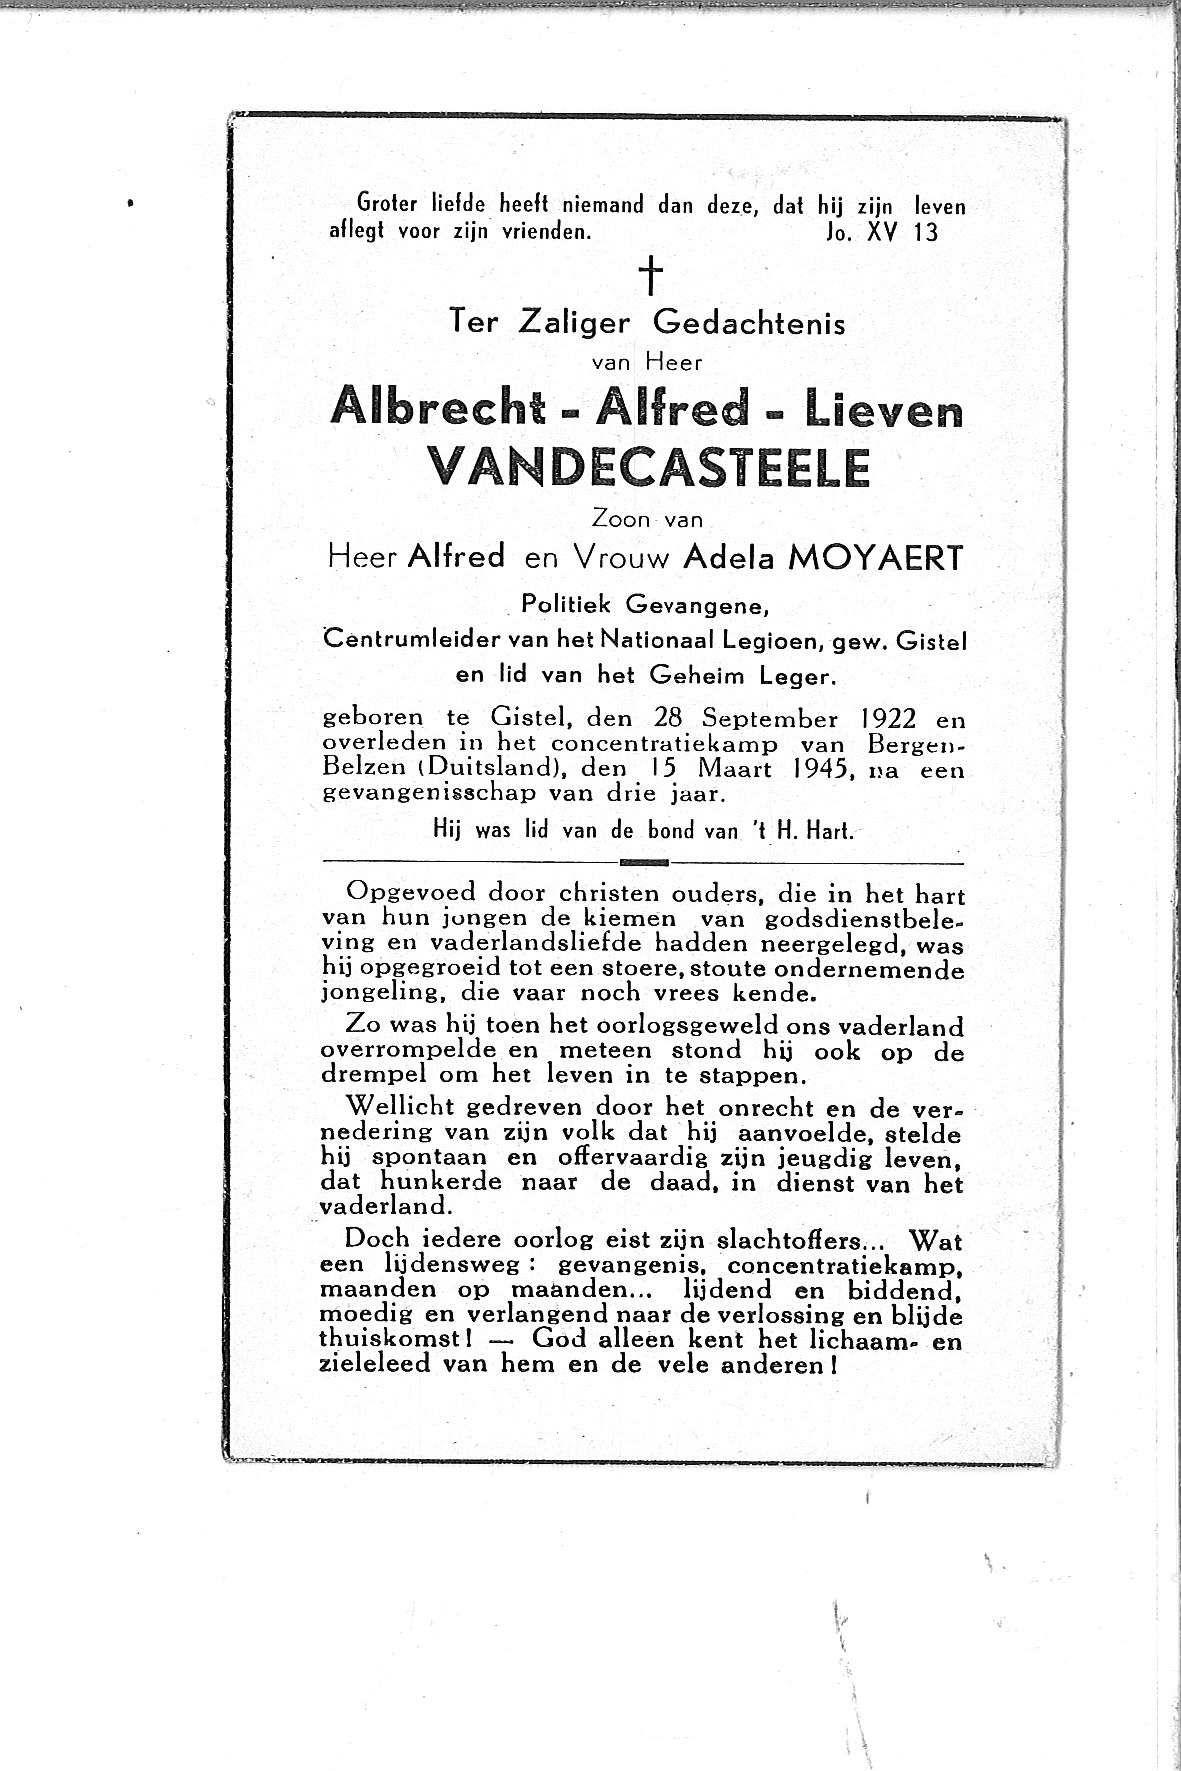 Albrecht-Alfred-Lieven(1945)20140110132504_00022.jpg